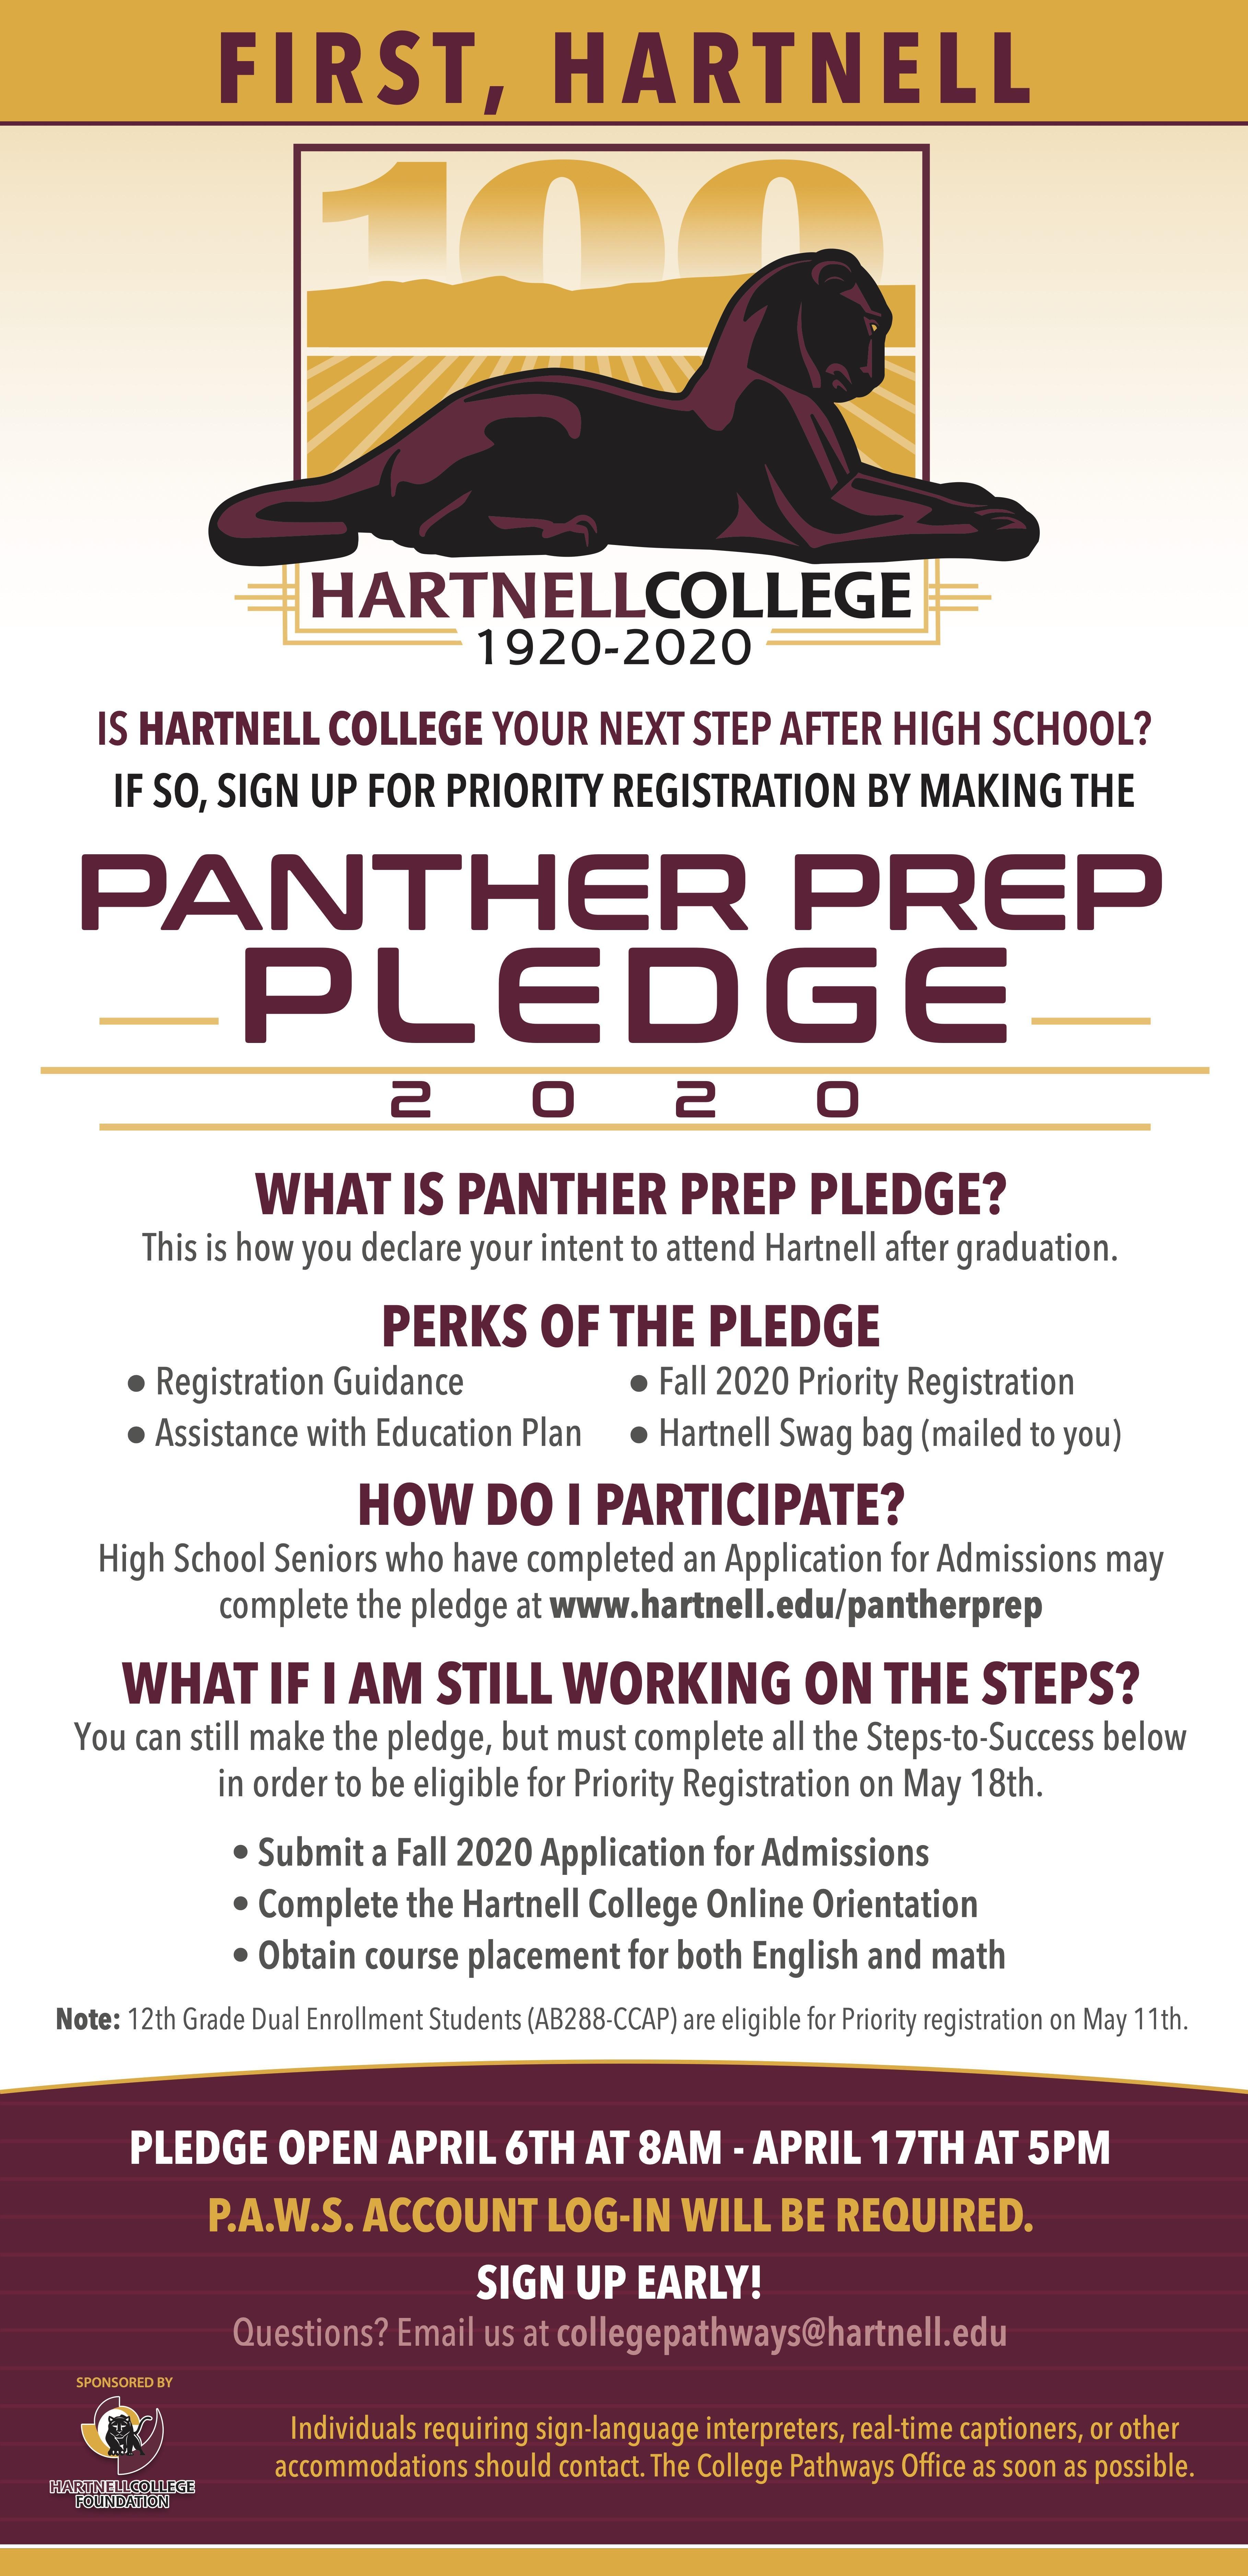 Panther Prep